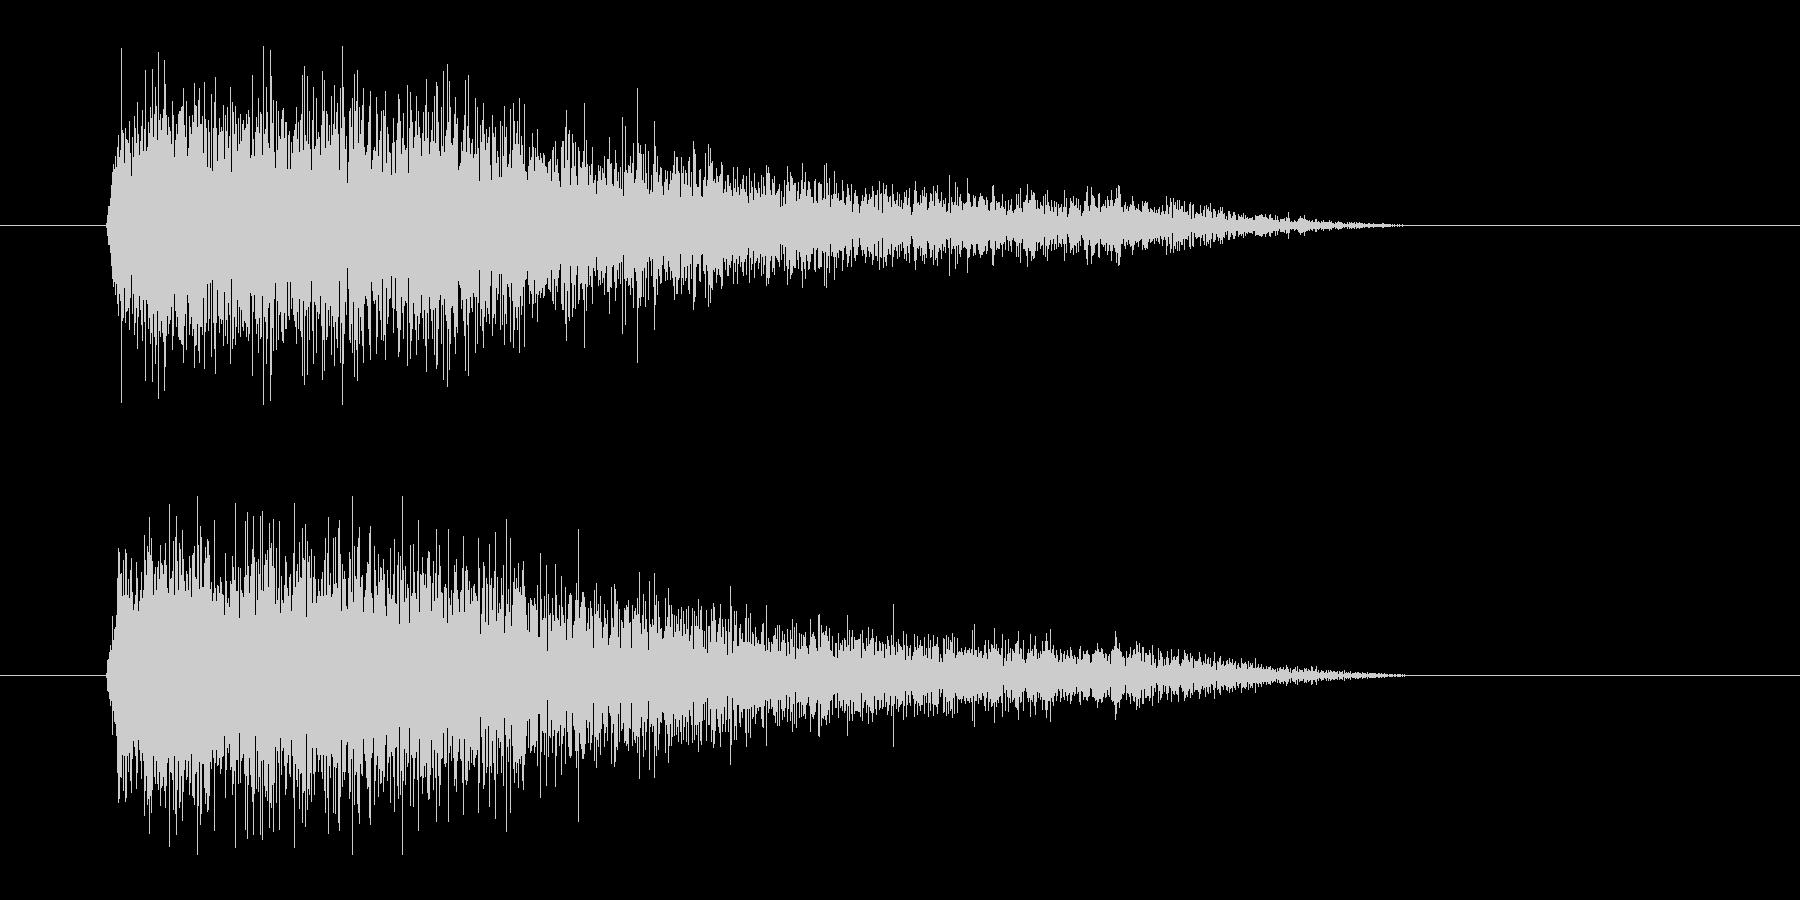 レーザー音-92-3の未再生の波形